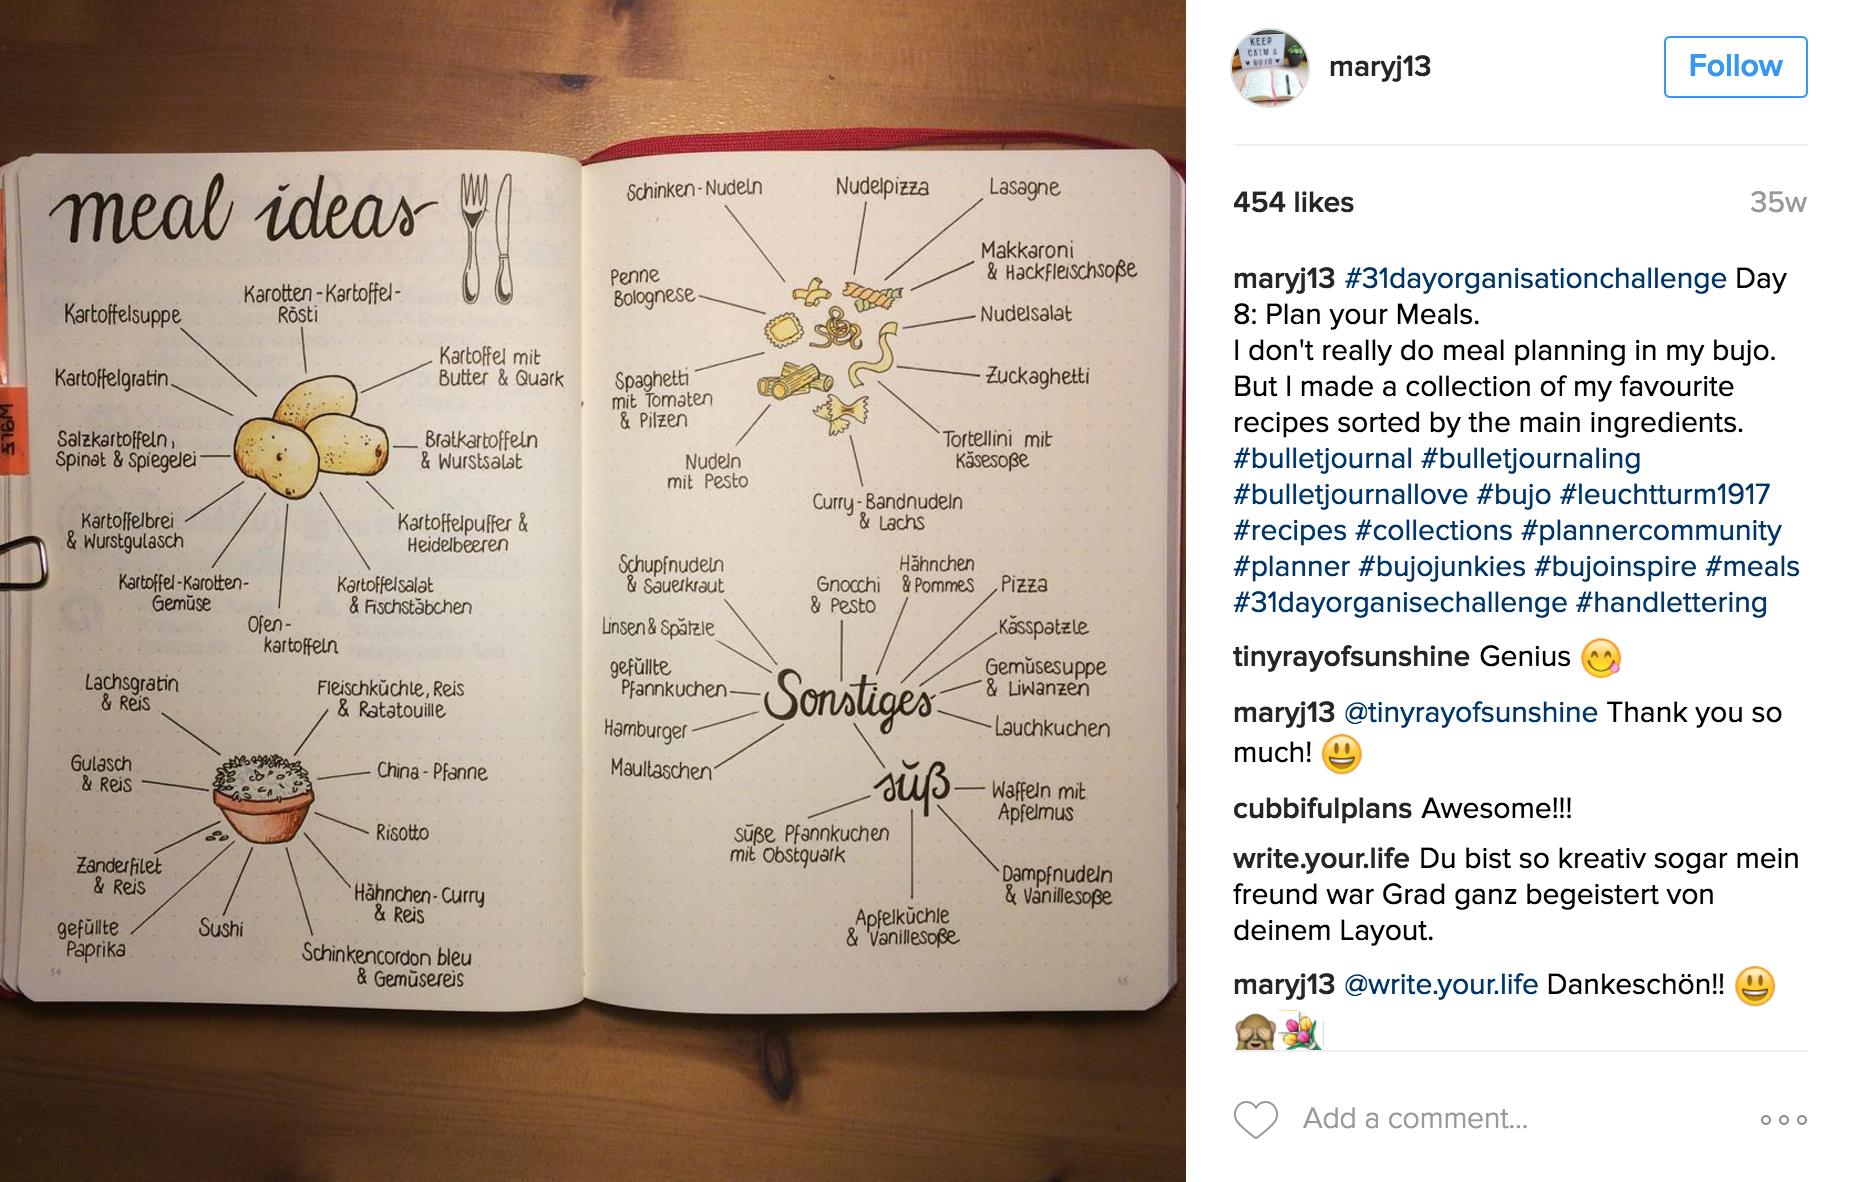 Source: maryj18 Instagram